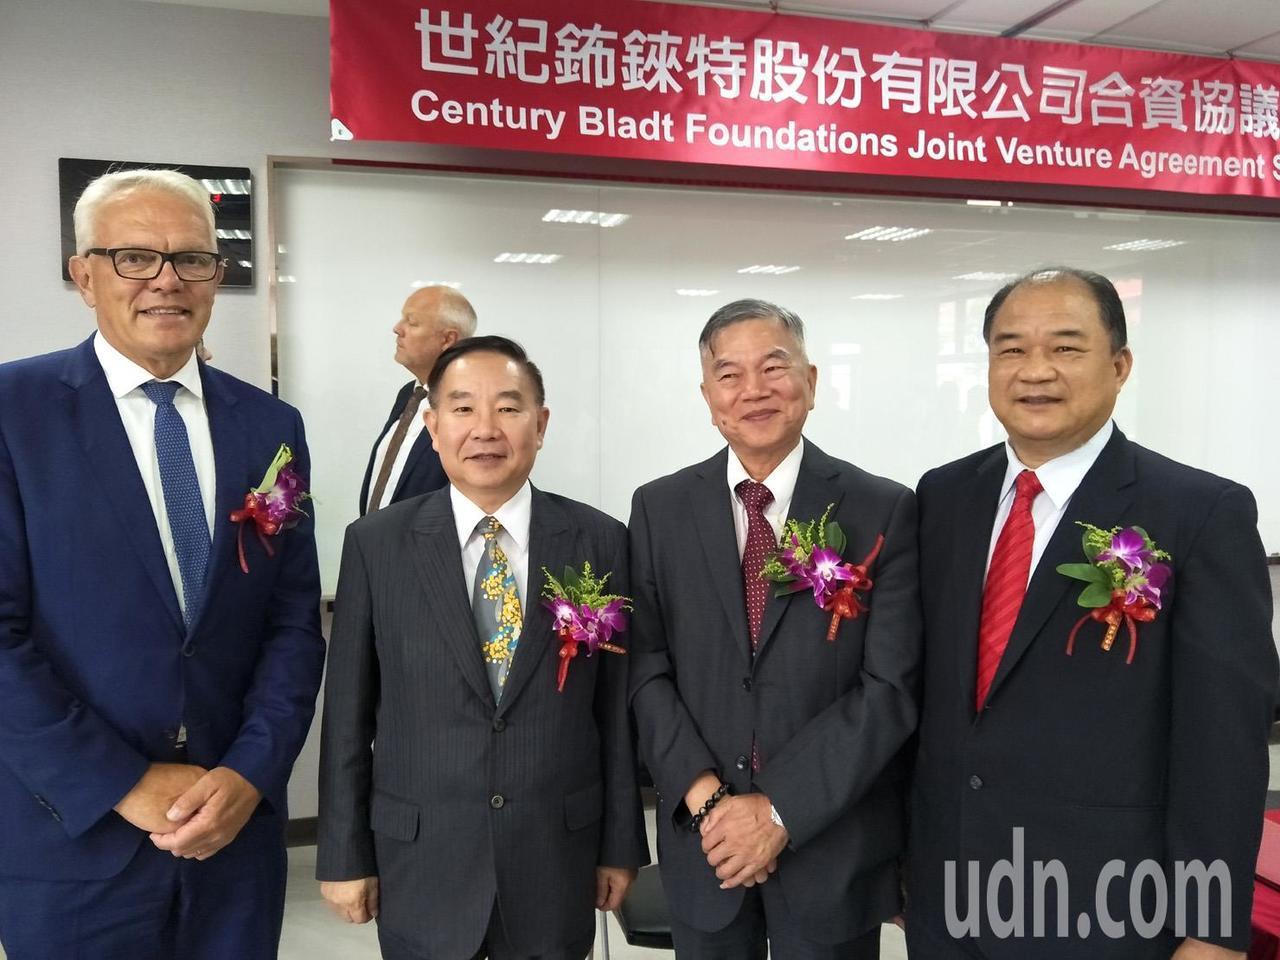 世紀鋼構董事長賴文祥(右一)與丹麥商Bladt執行長默天森(左一)簽訂世紀鈽錸特...